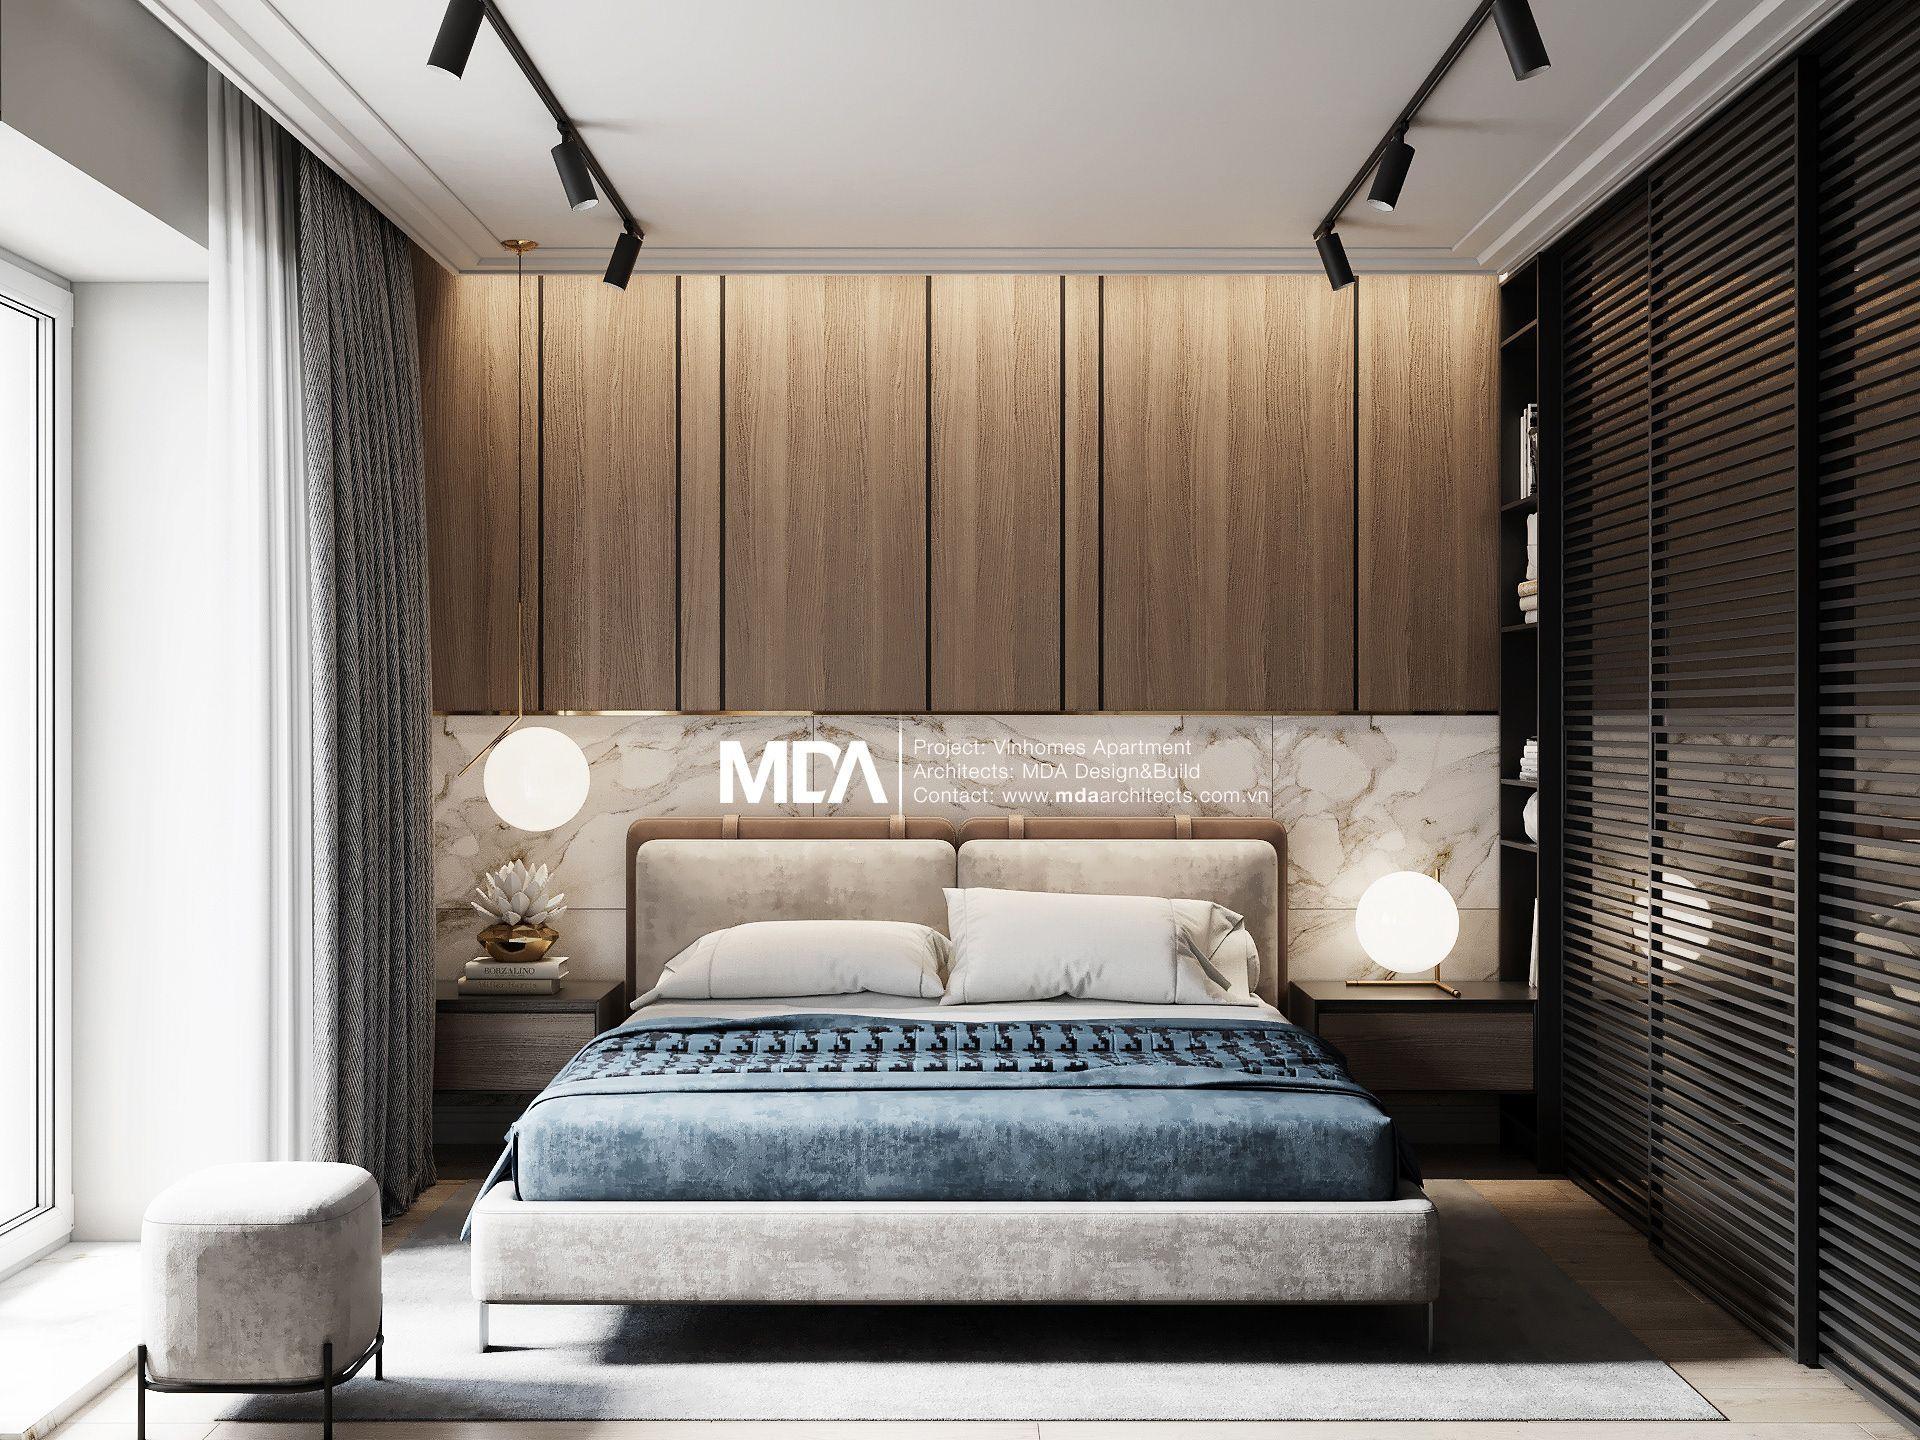 15 Luxury Bedroom Design Ideas Luxurious Bedrooms Luxury Bedroom Design Bedroom Bed Design